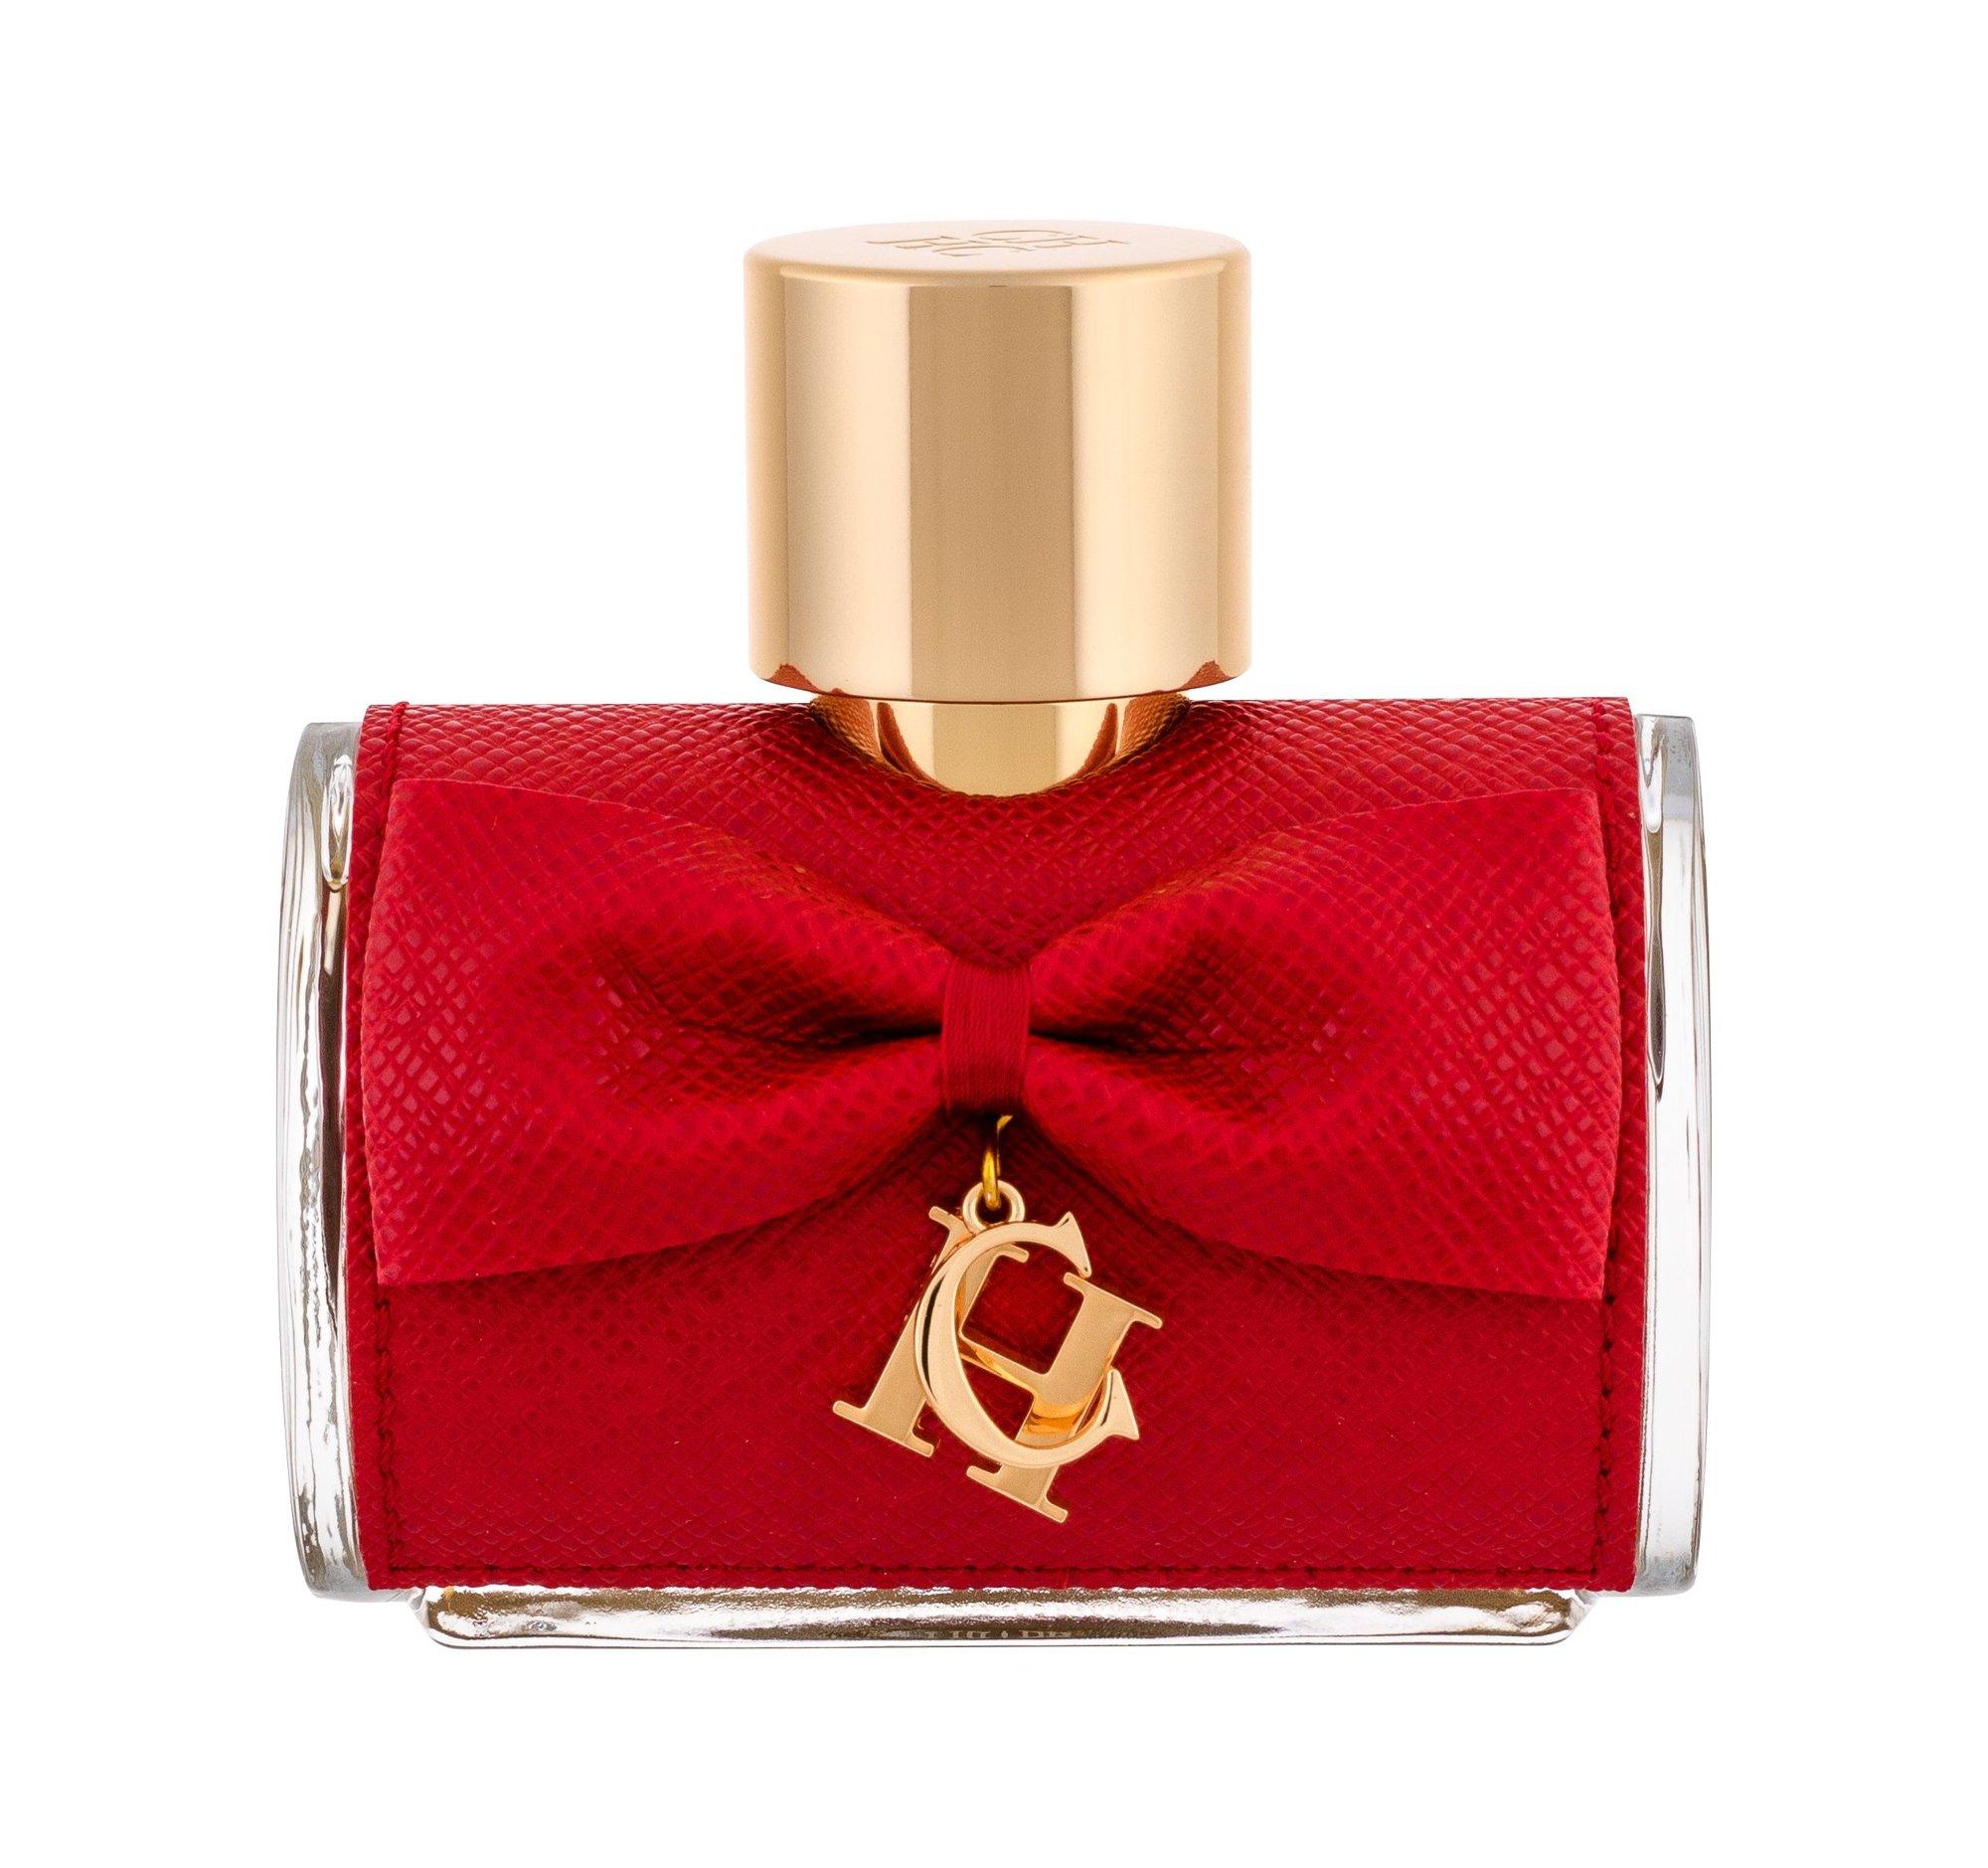 Carolina Herrera CH Privée Eau de Parfum 80ml